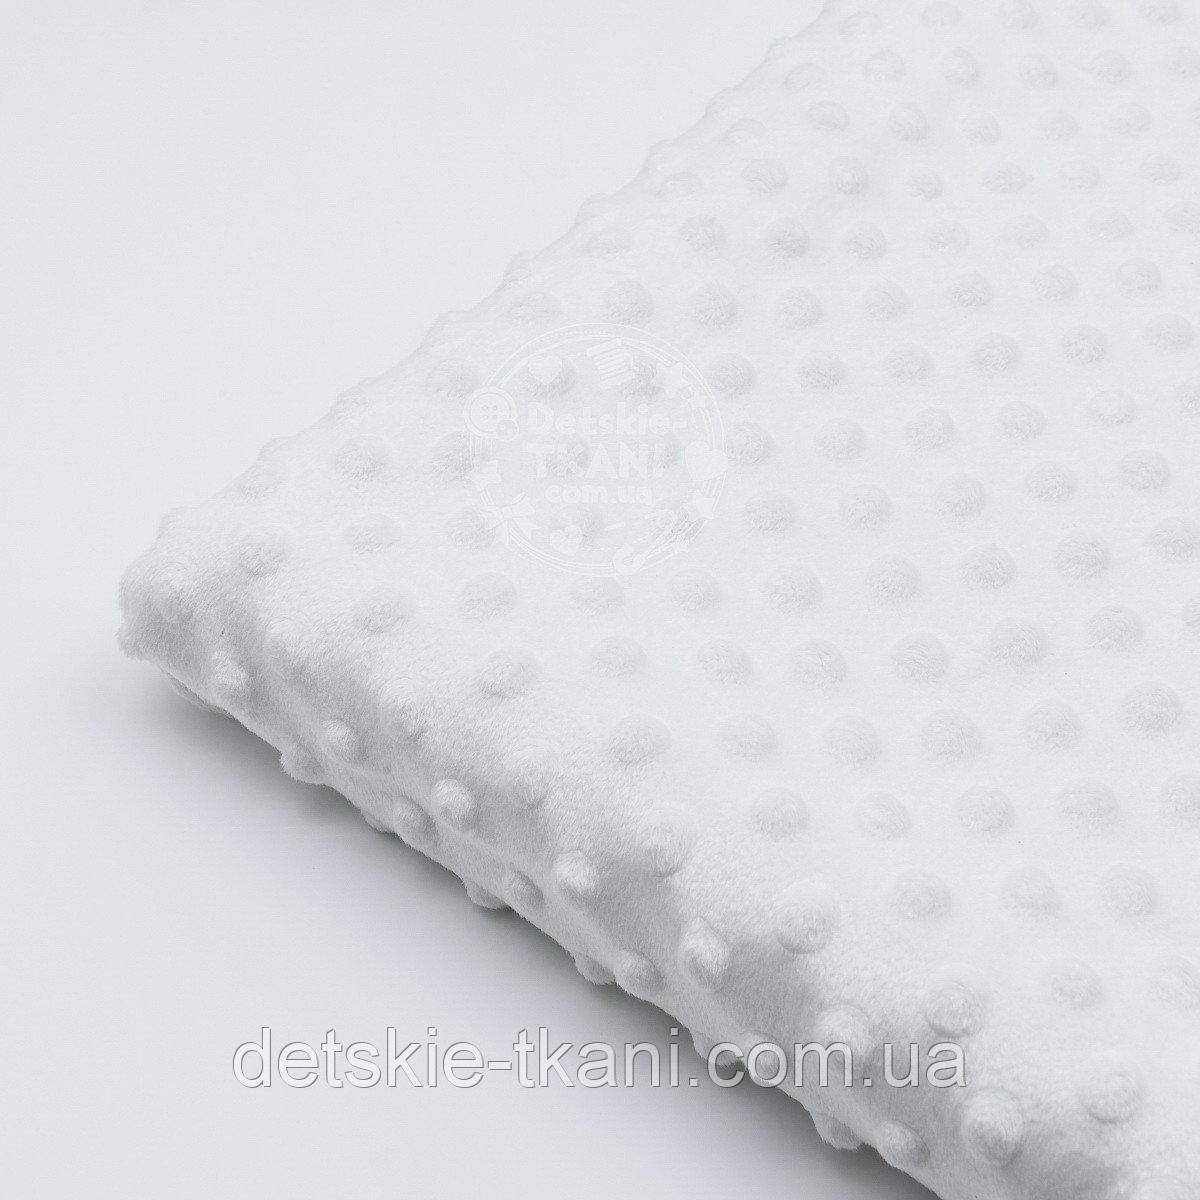 Лоскут плюша minky М-10  цвет белый, размер 100*75 см